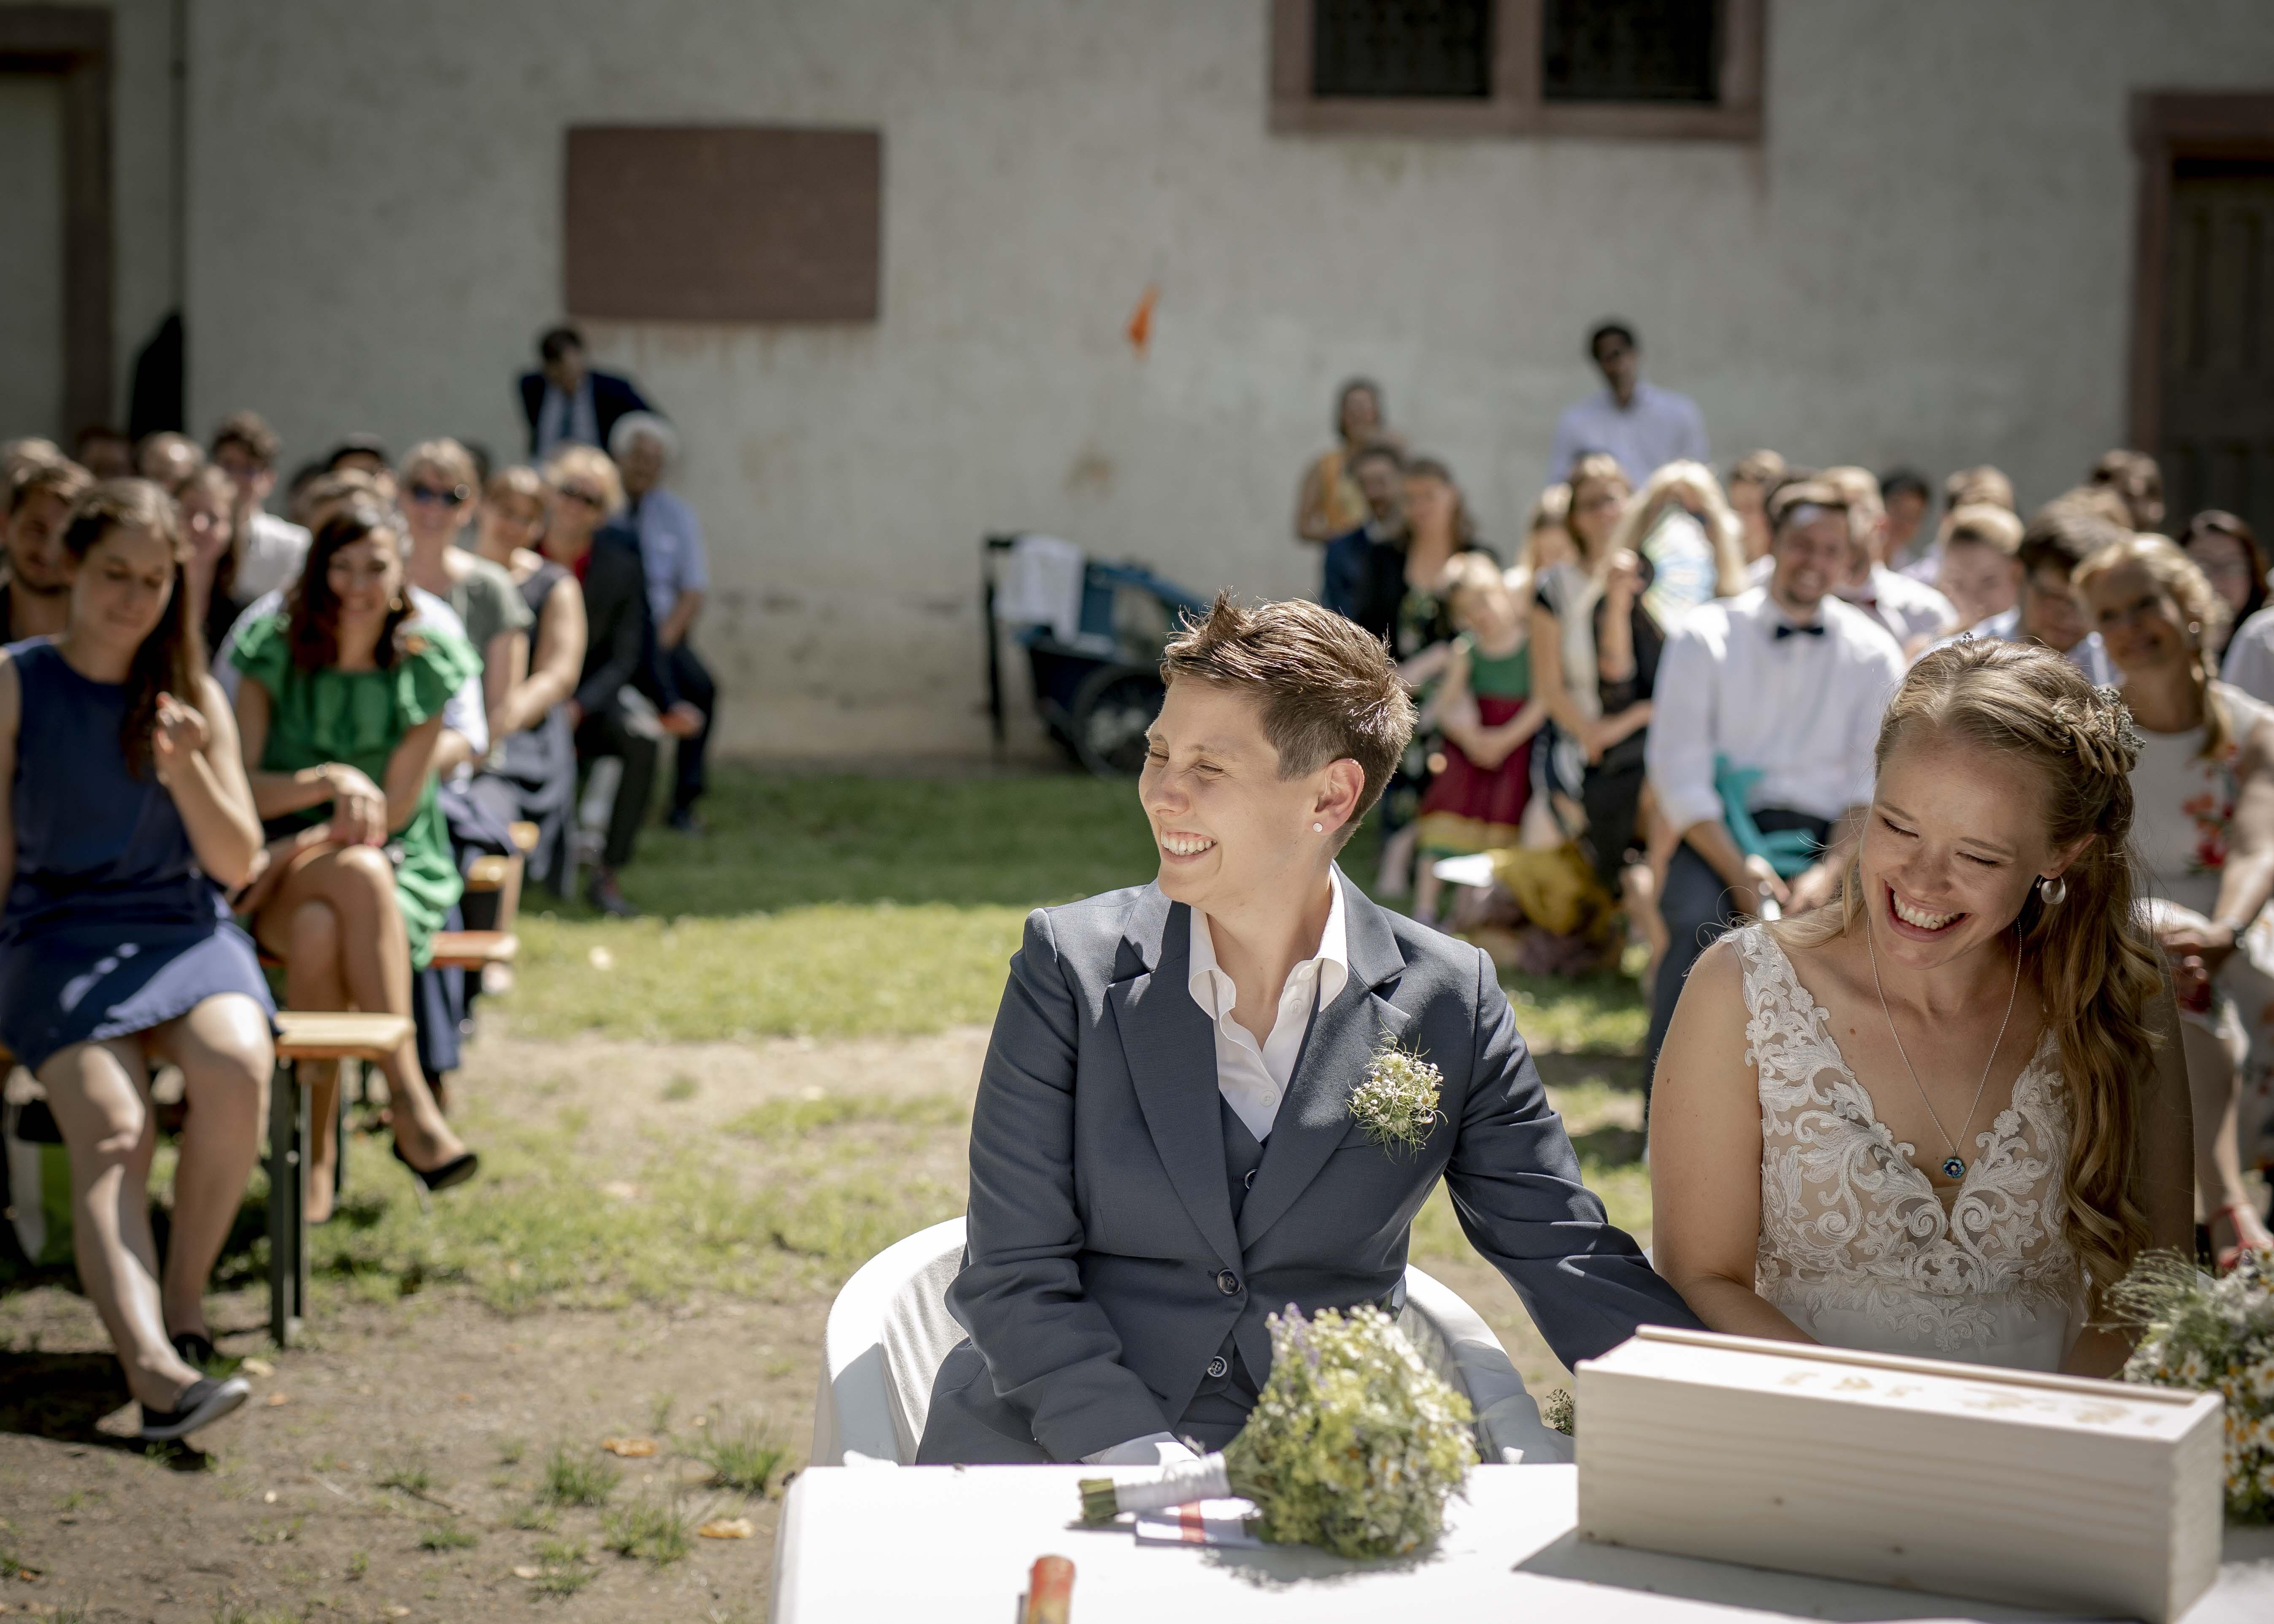 Lifestylephotodesign Hochzeit Freietrauung Schlossberg Freiburg Fotografie 025